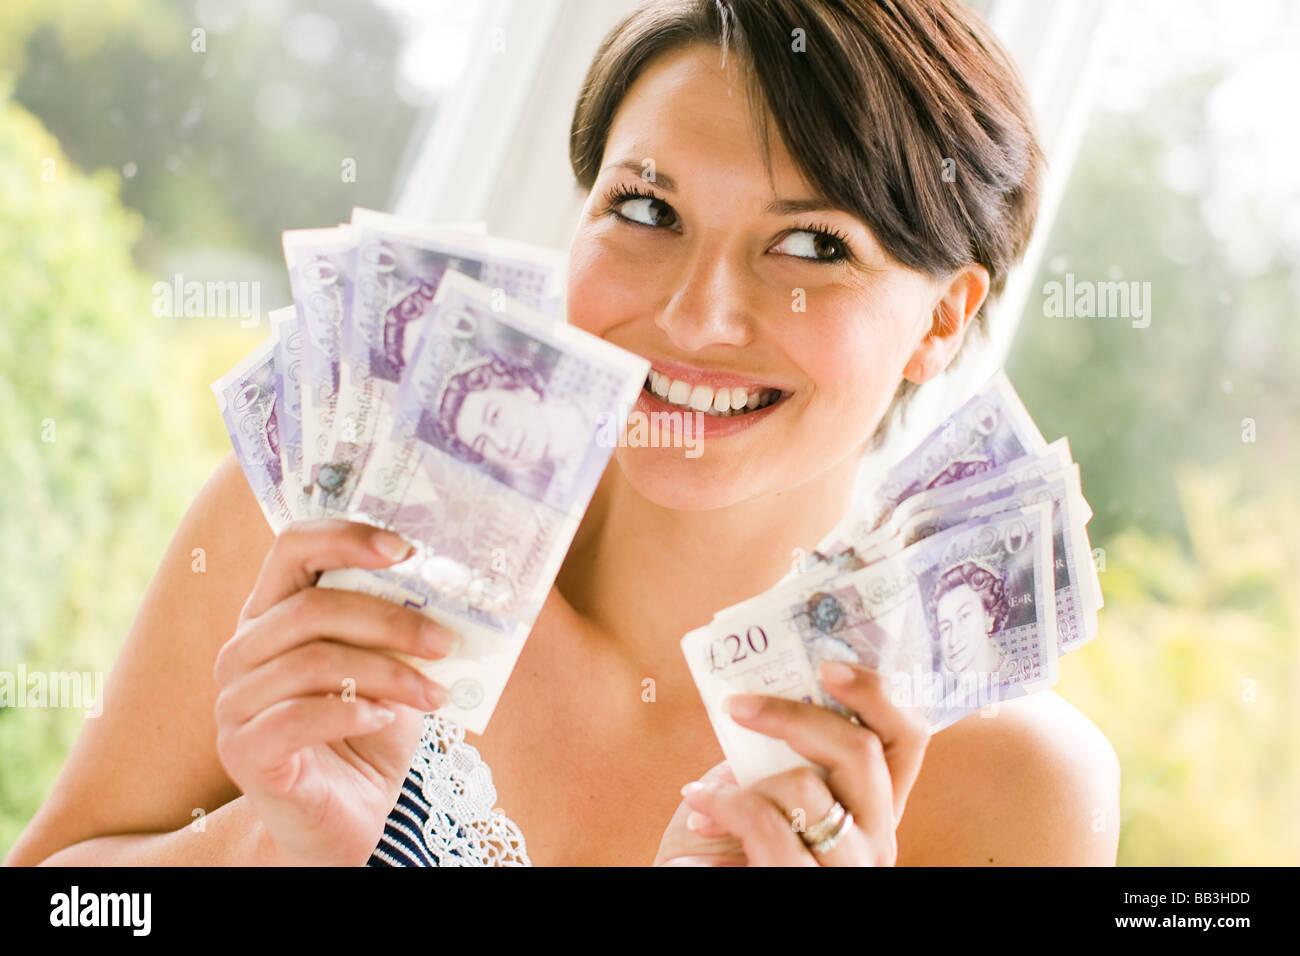 Fille avec de l'argent Banque D'Images